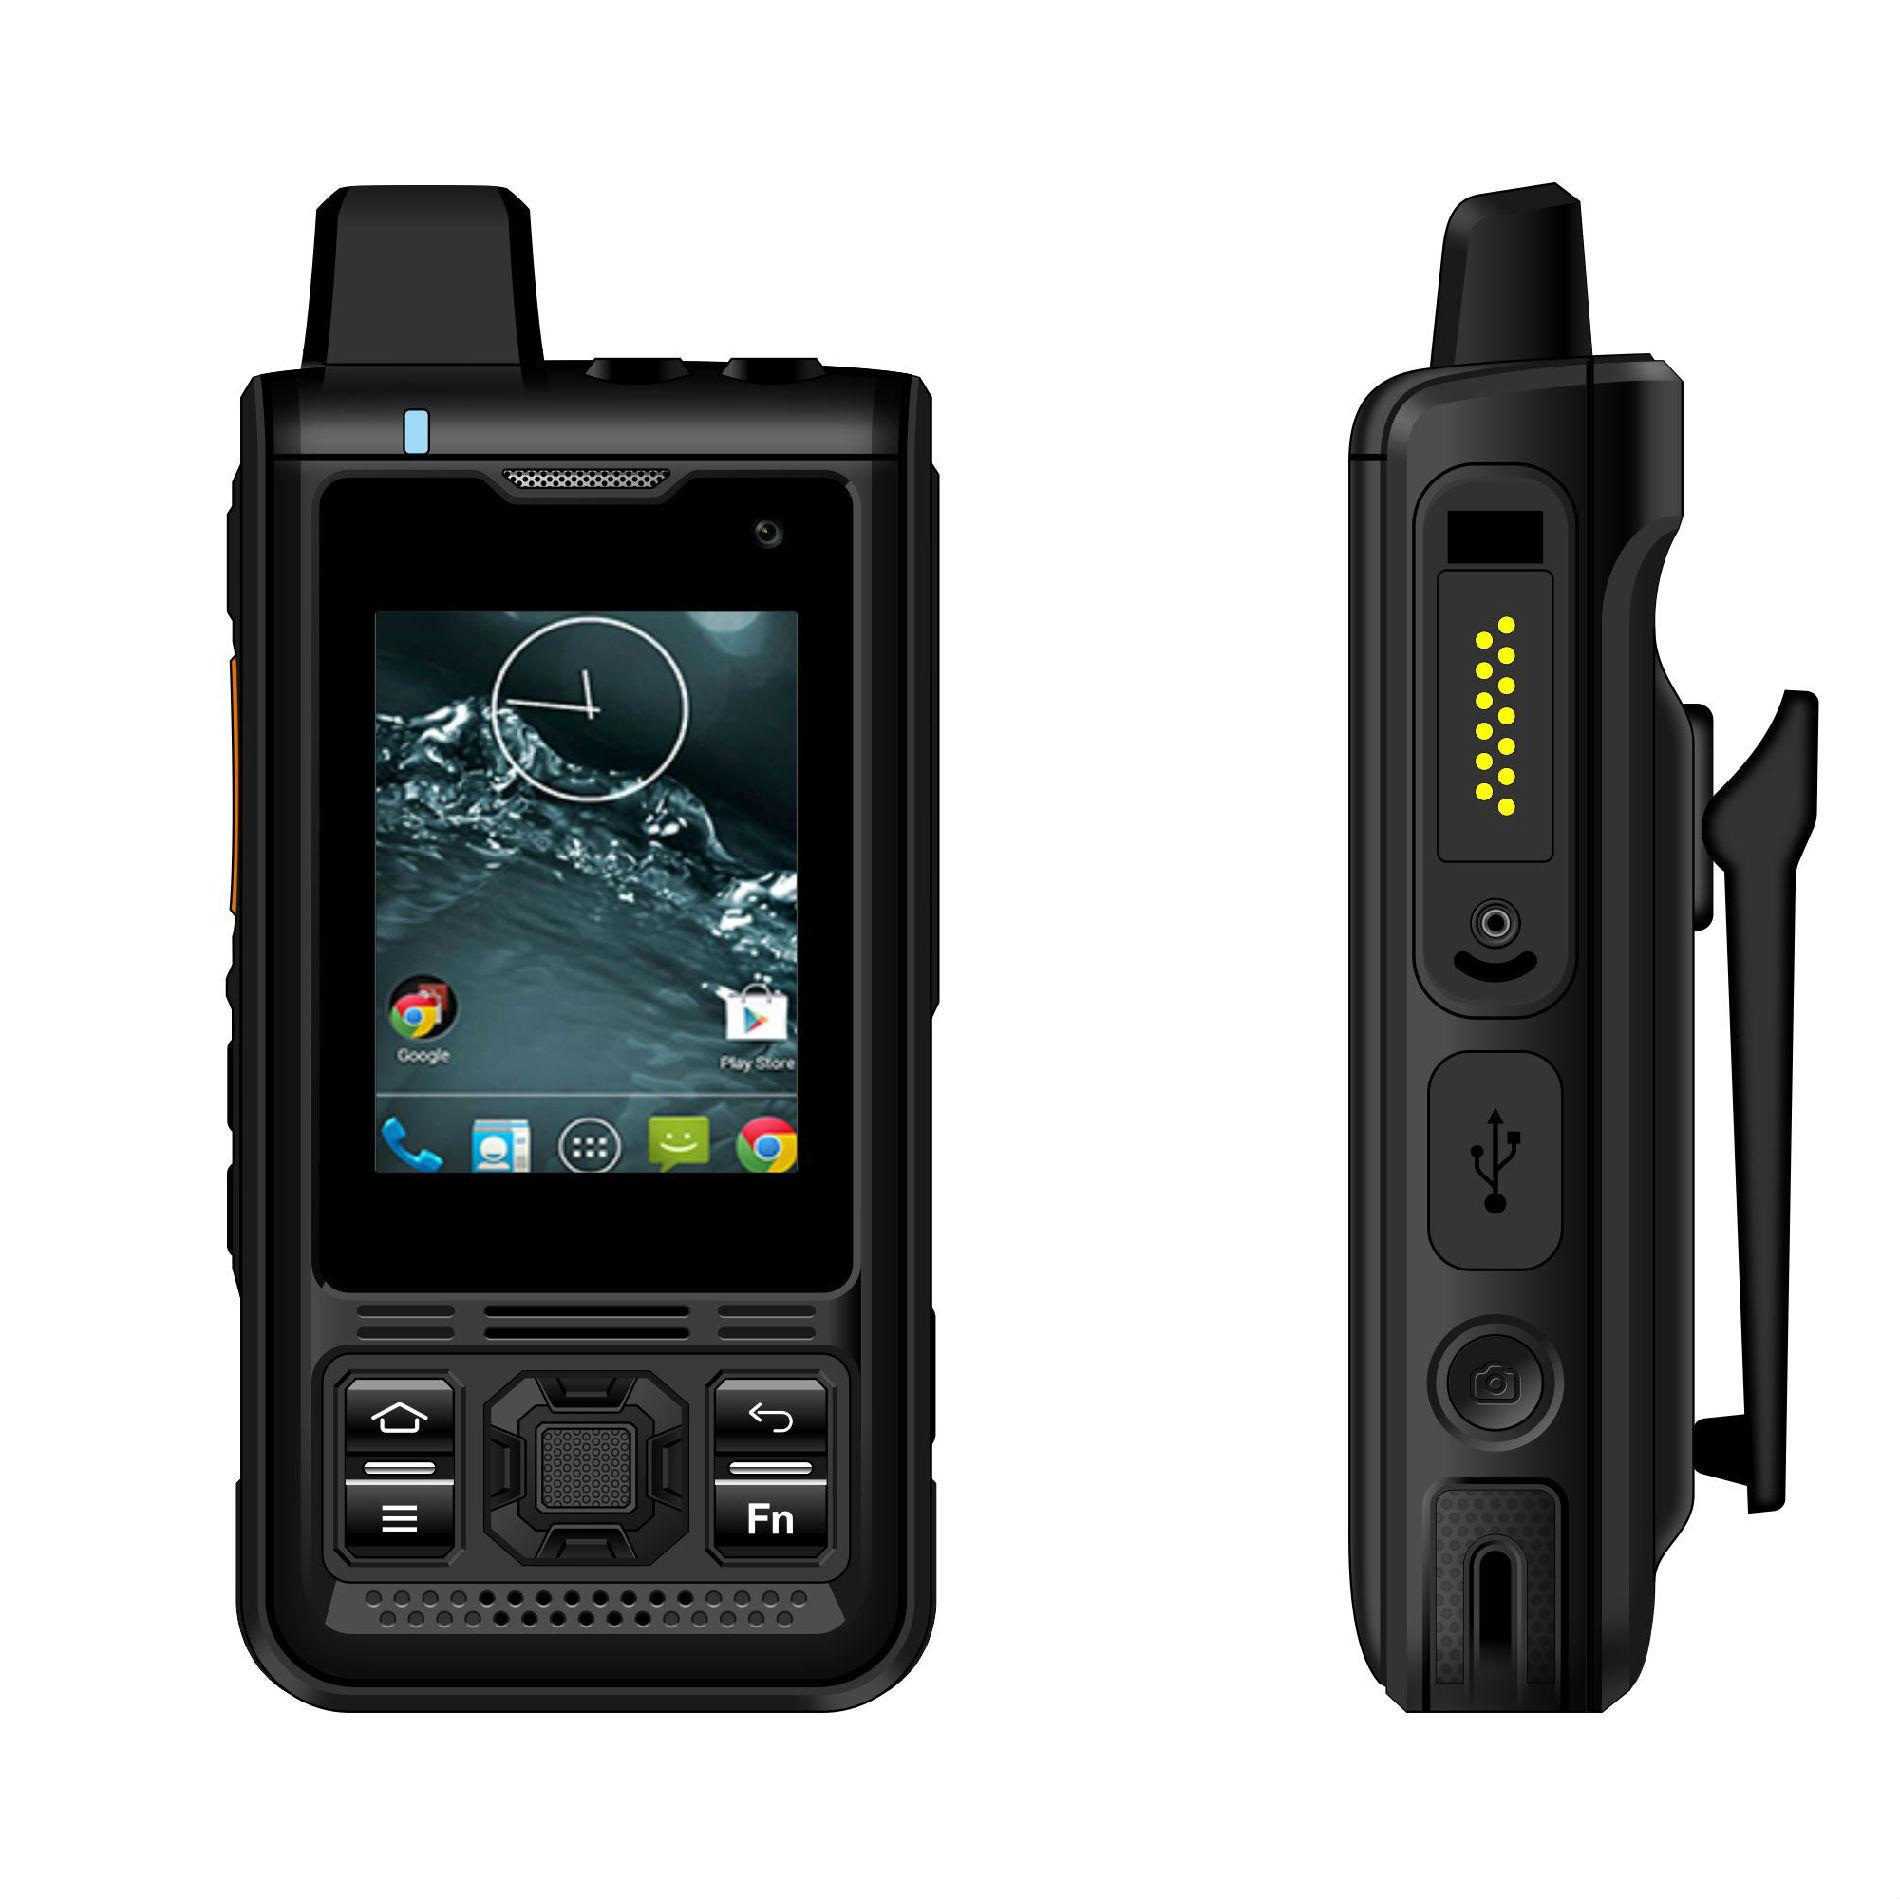 2.4寸屏安卓系统智能巡检终端全网通4G公网对讲巡检巡更手持机